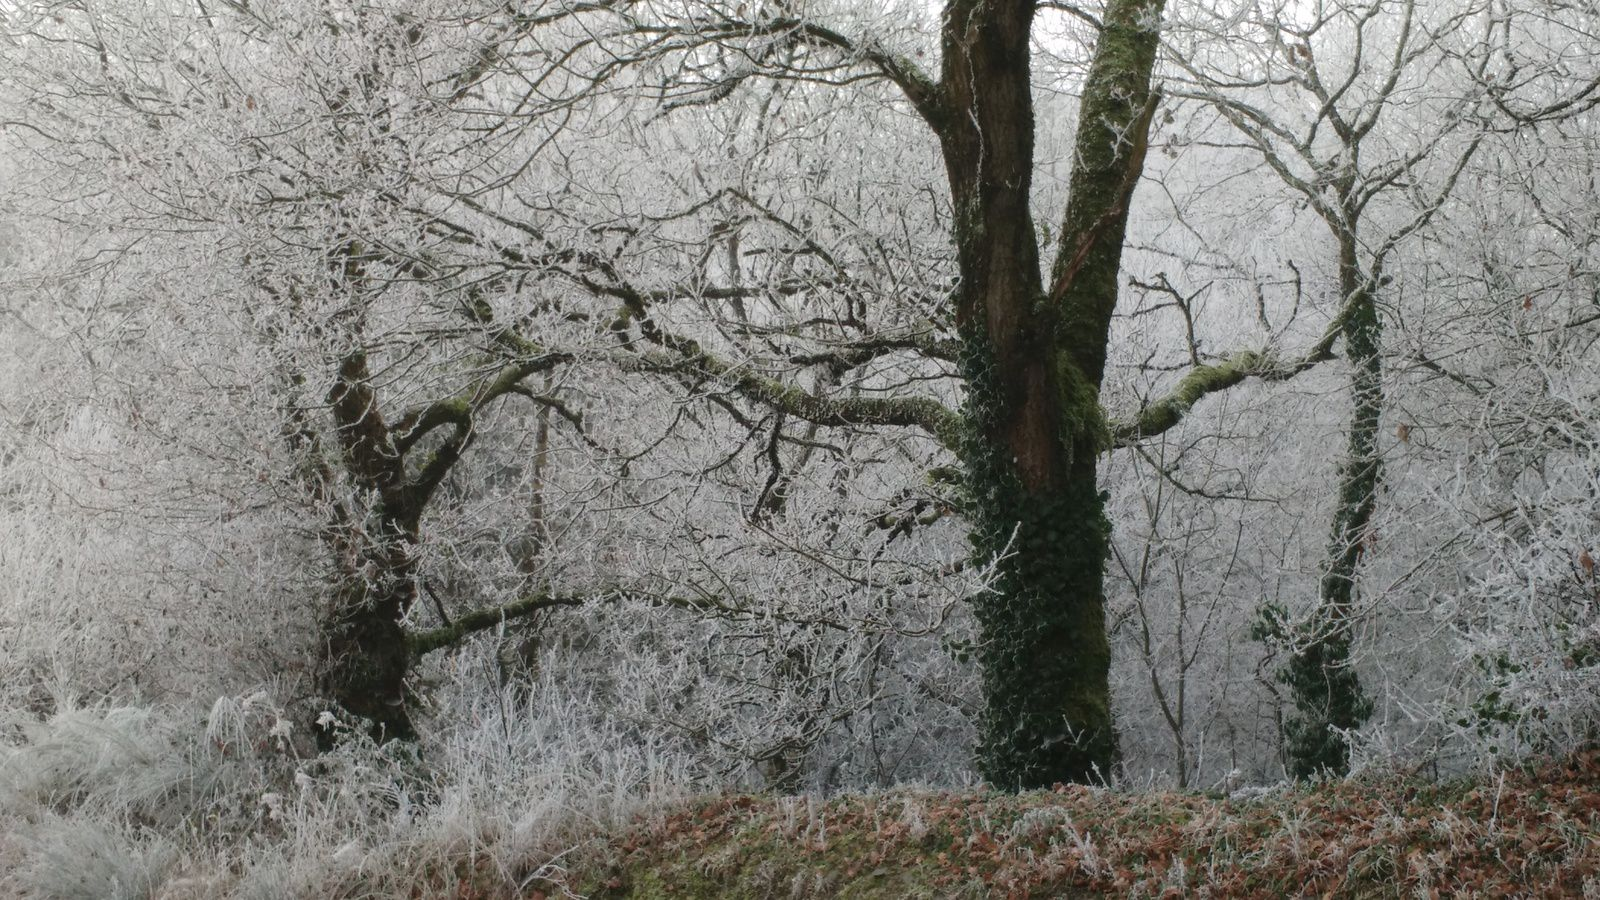 La photo du 26/02/17 paysage gelé